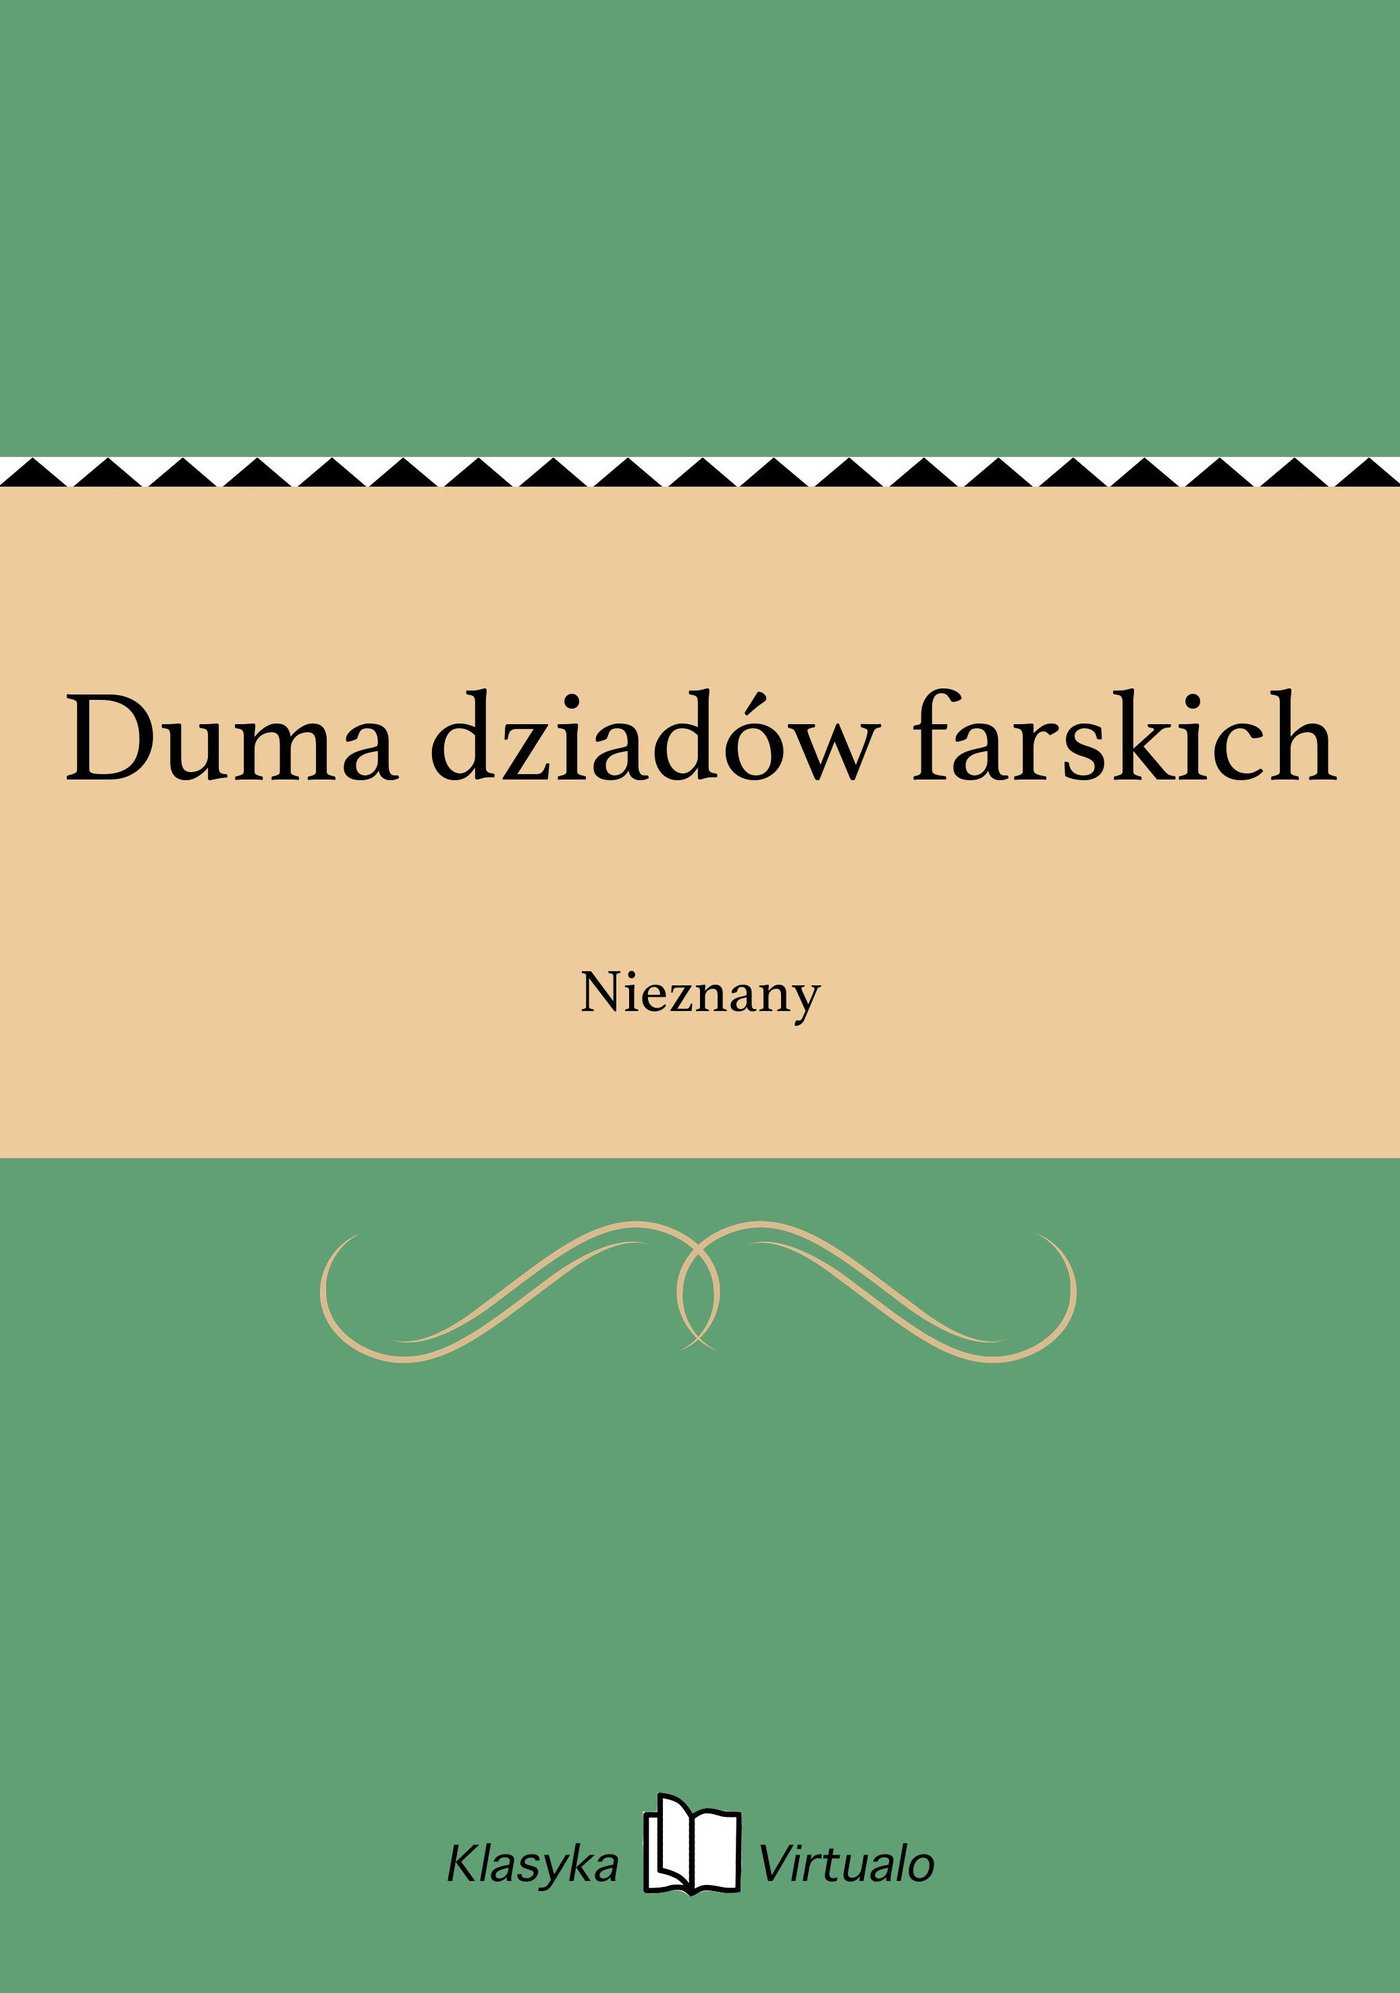 Duma dziadów farskich - Ebook (Książka EPUB) do pobrania w formacie EPUB